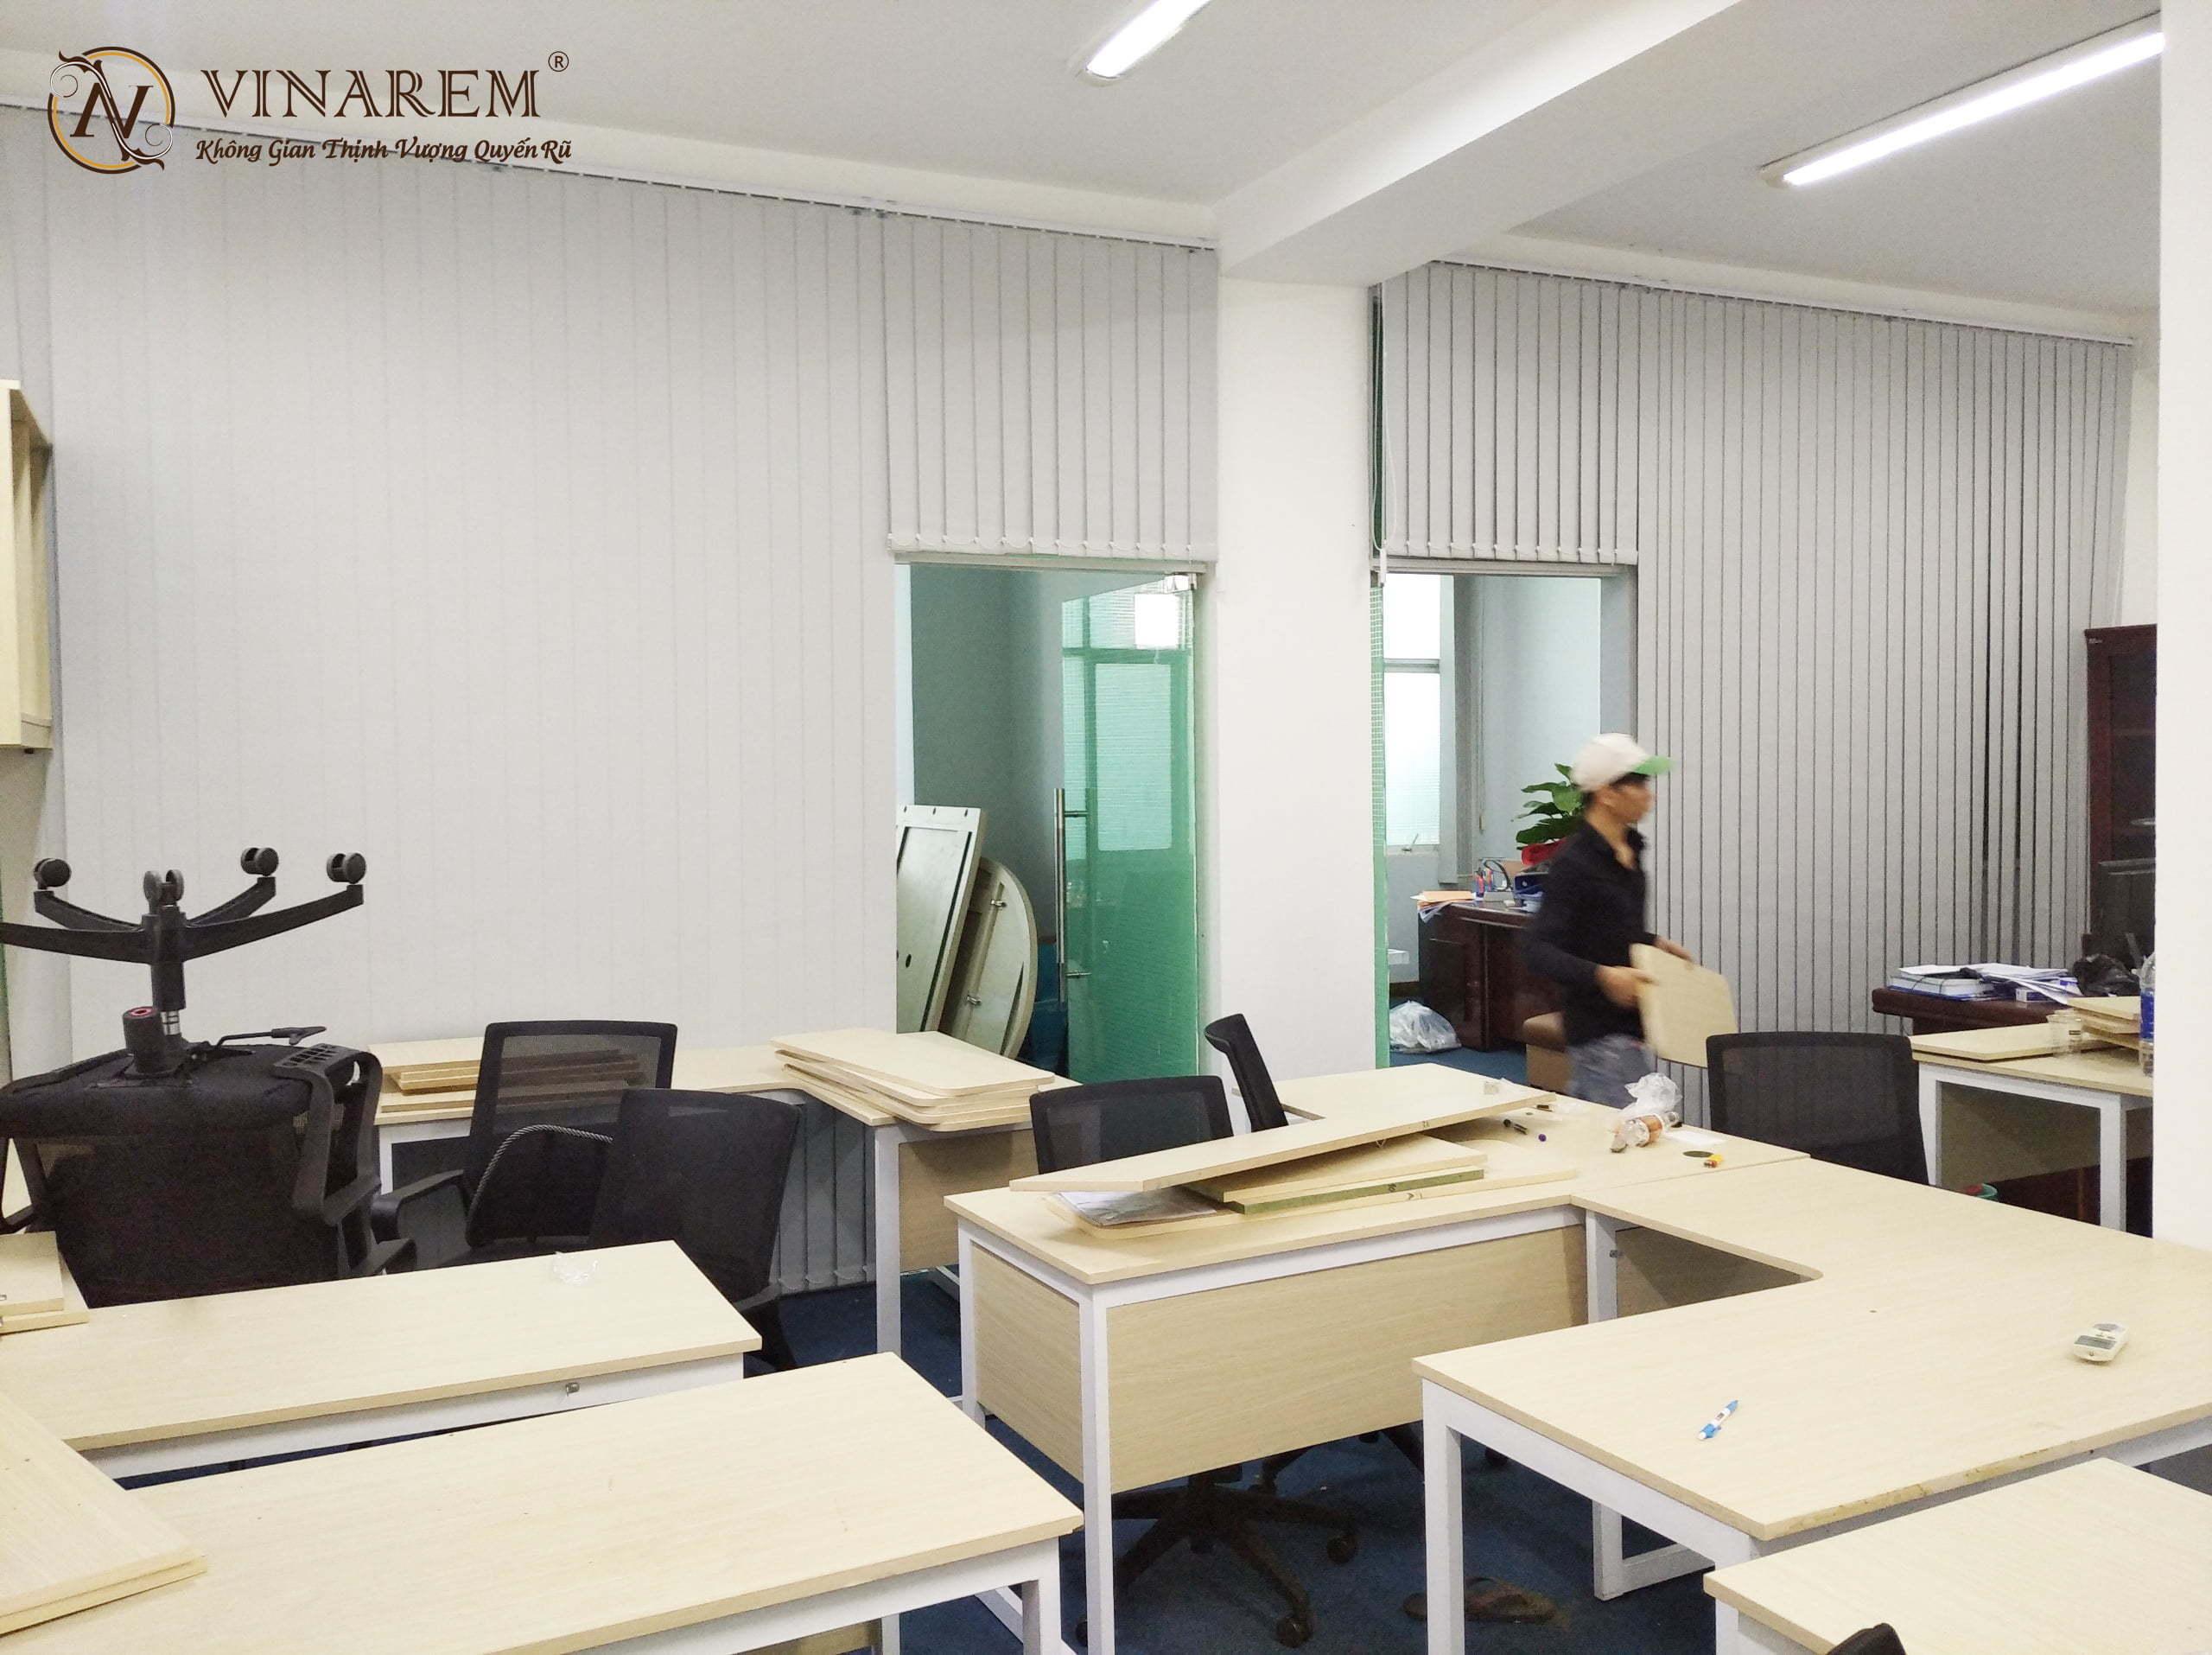 Rèm sáo dọc cho không gian văn phòng công sở | Vinarem